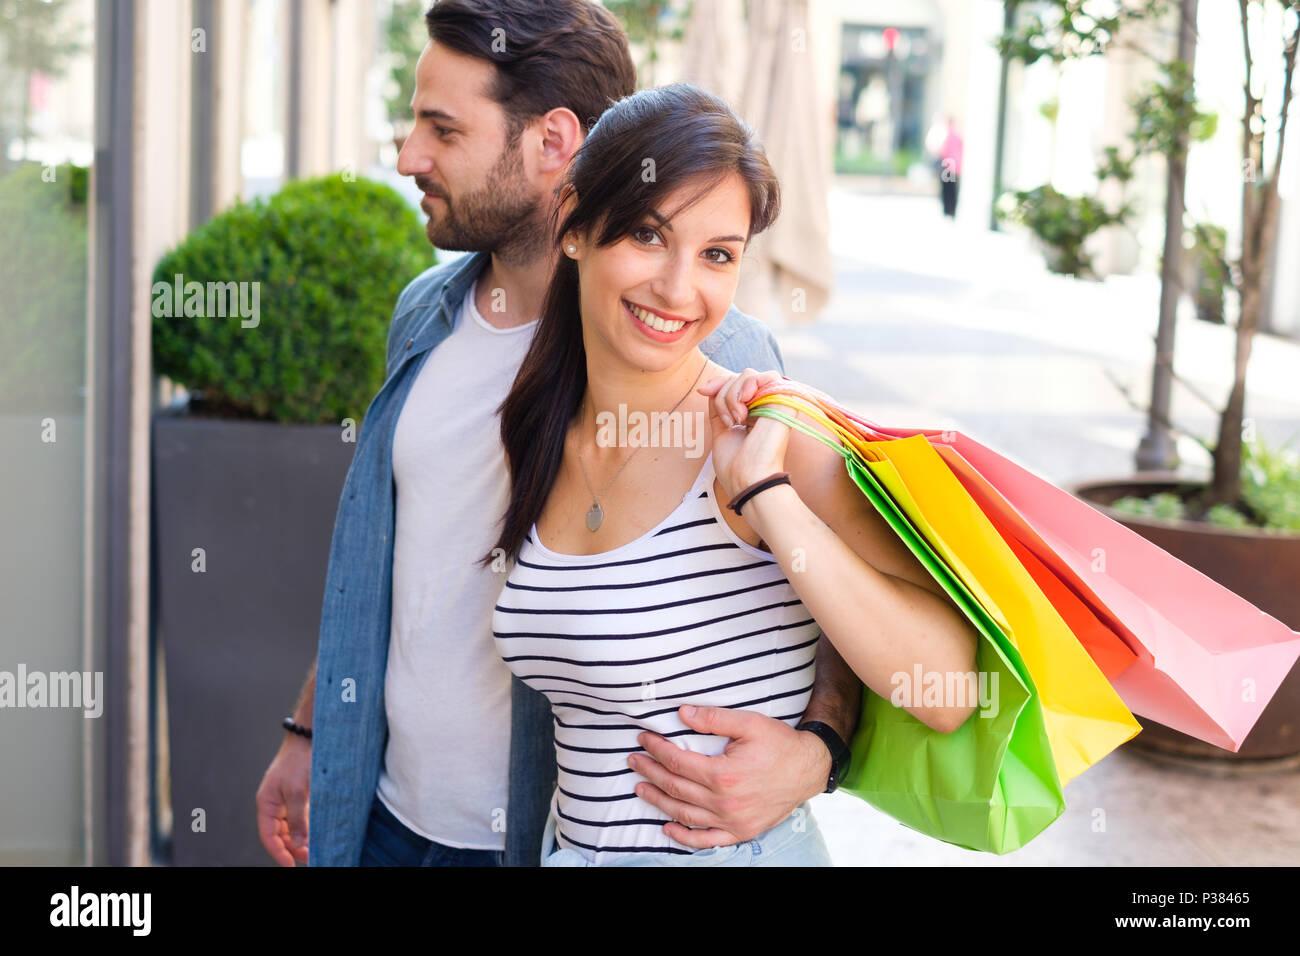 Fröhlicher junger Paare zusammen Einkaufen in der Stadt Spaß Stockbild